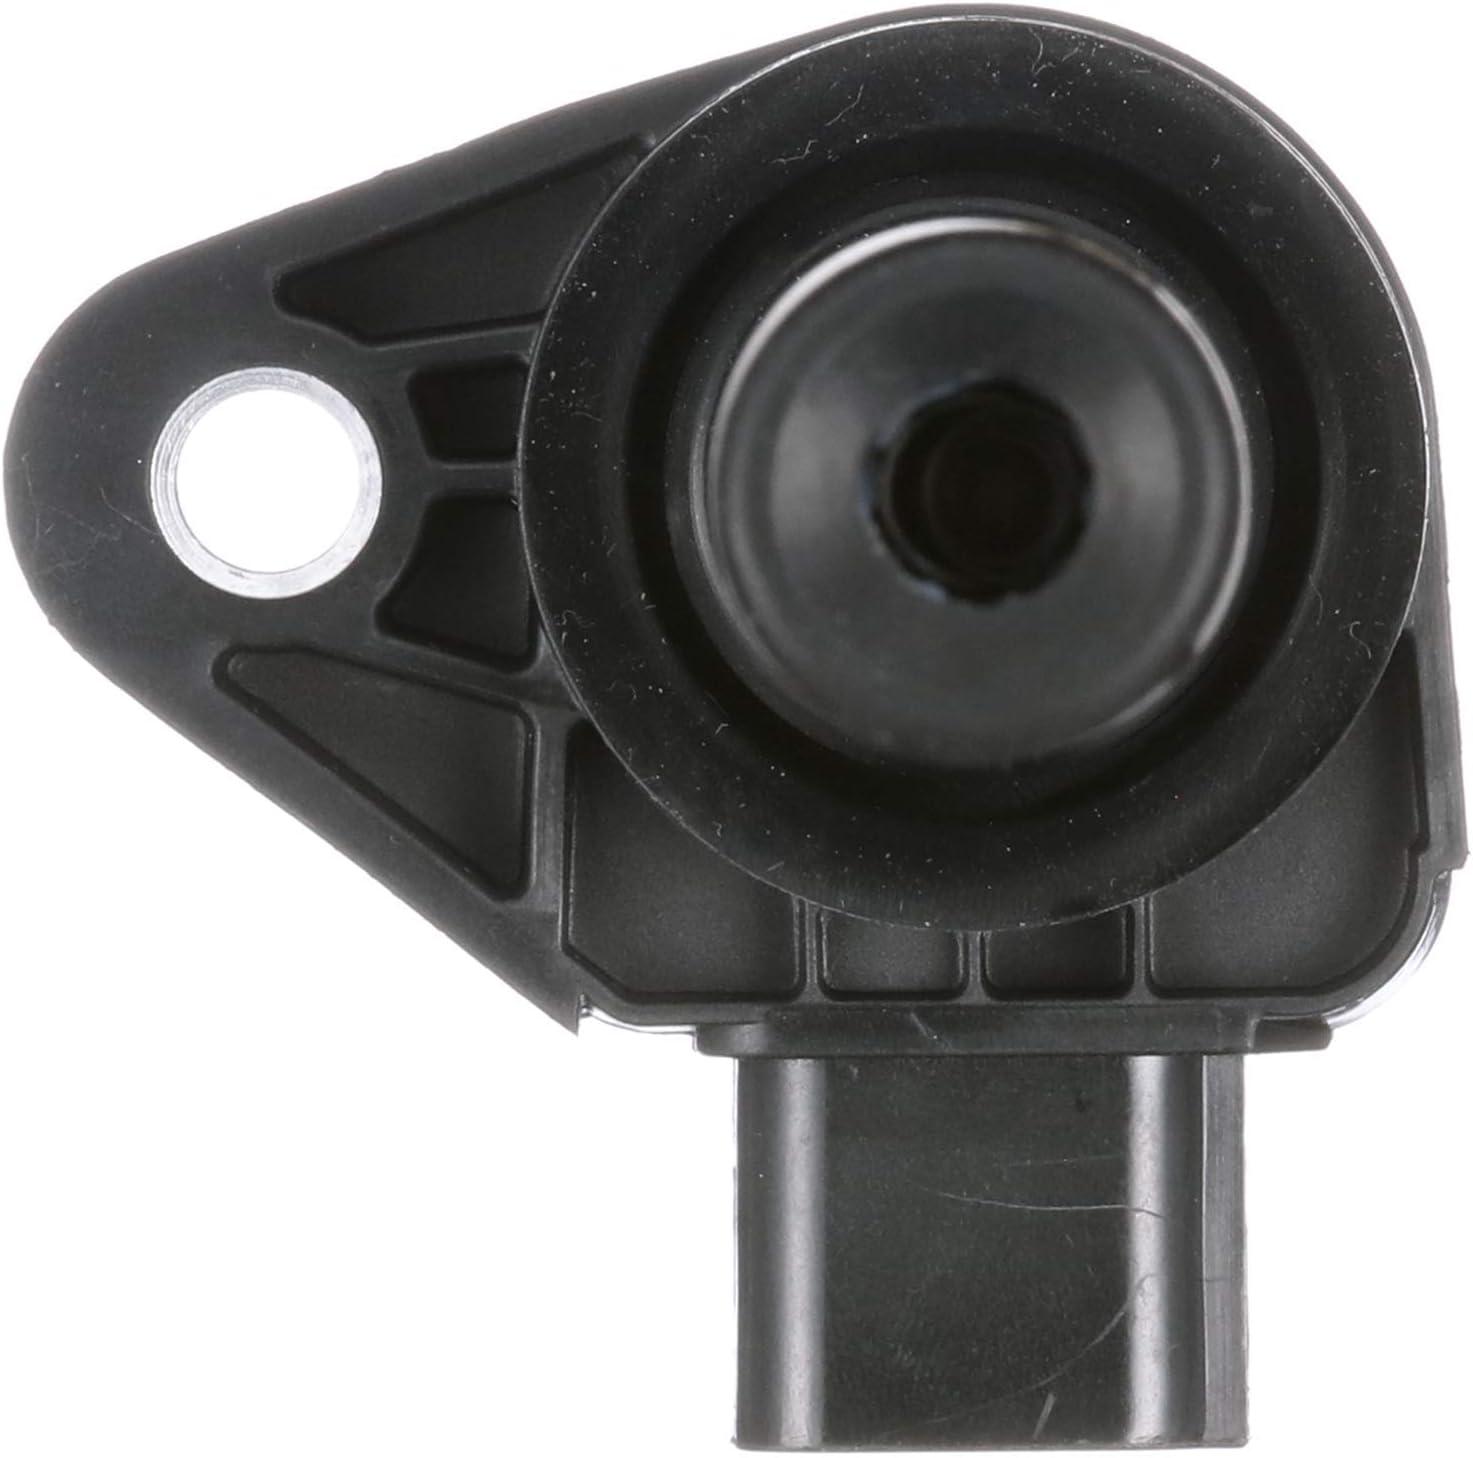 Online Automotive PRGEN13 1001-OLACU1021 Premium Ignition Coil Set